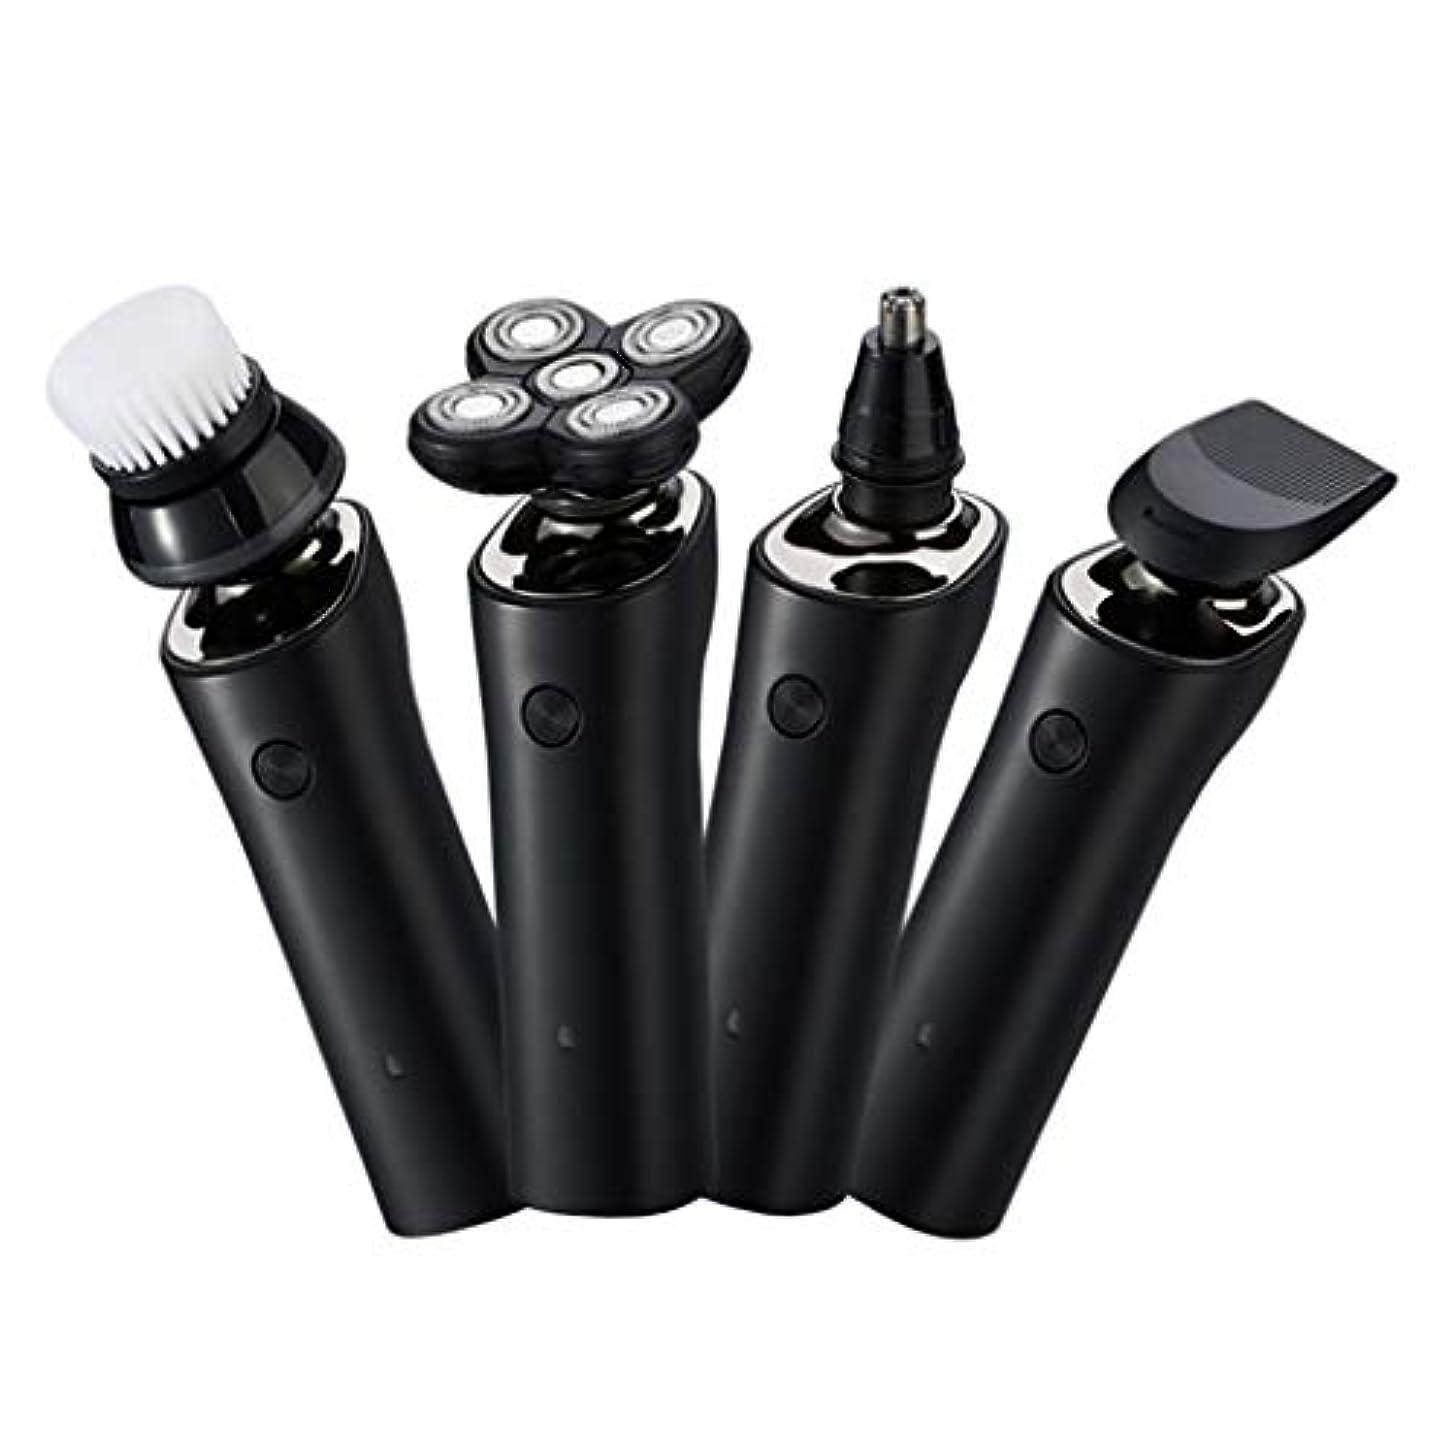 矢雑多な信頼できる多機能フォーインワン電気シェーバー、男性用充電式コードレス鼻毛/ホーン/ひげトリマー、ギフト